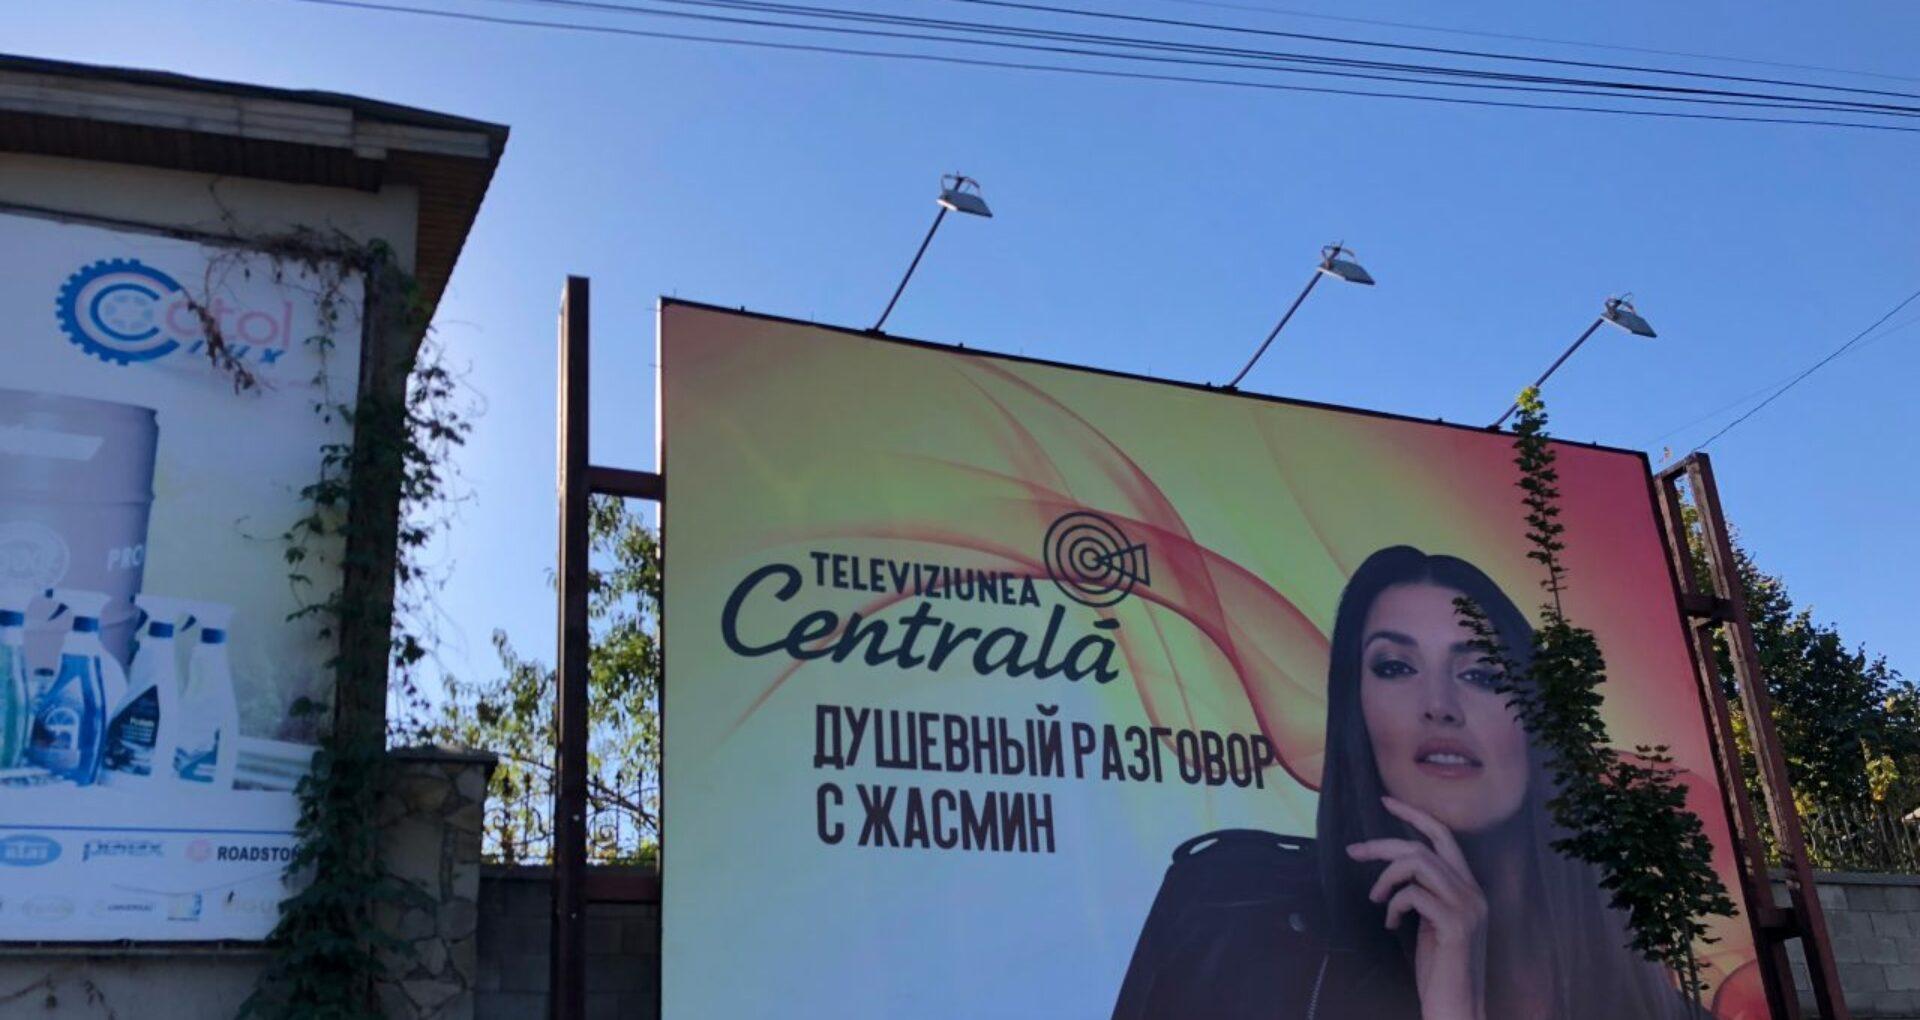 """FOTO/ Televiziunea """"echidistantă"""" afiliată lui Șor, finanțată cu """"împrumuturi de la parteneri"""""""